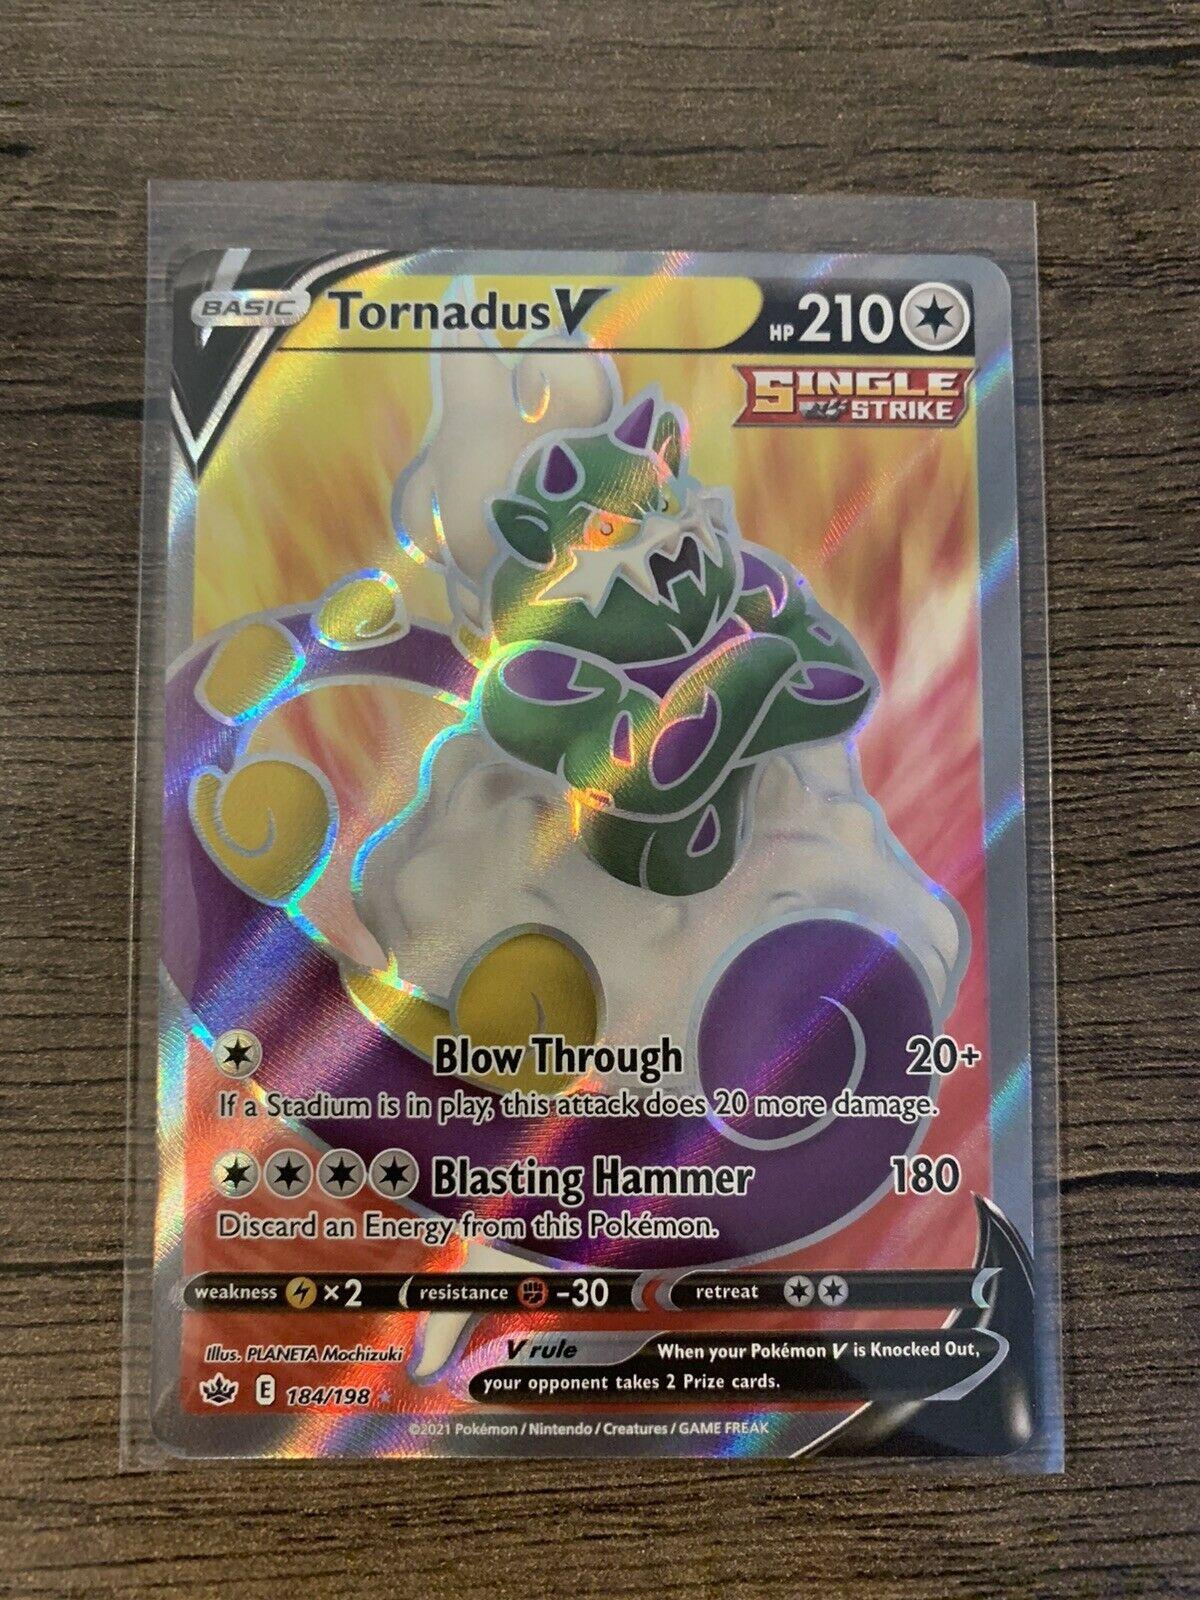 Tornadus V 184/198 Chilling Reign Alt Full Art Ultra Rare Holo Pokémon TCG Card